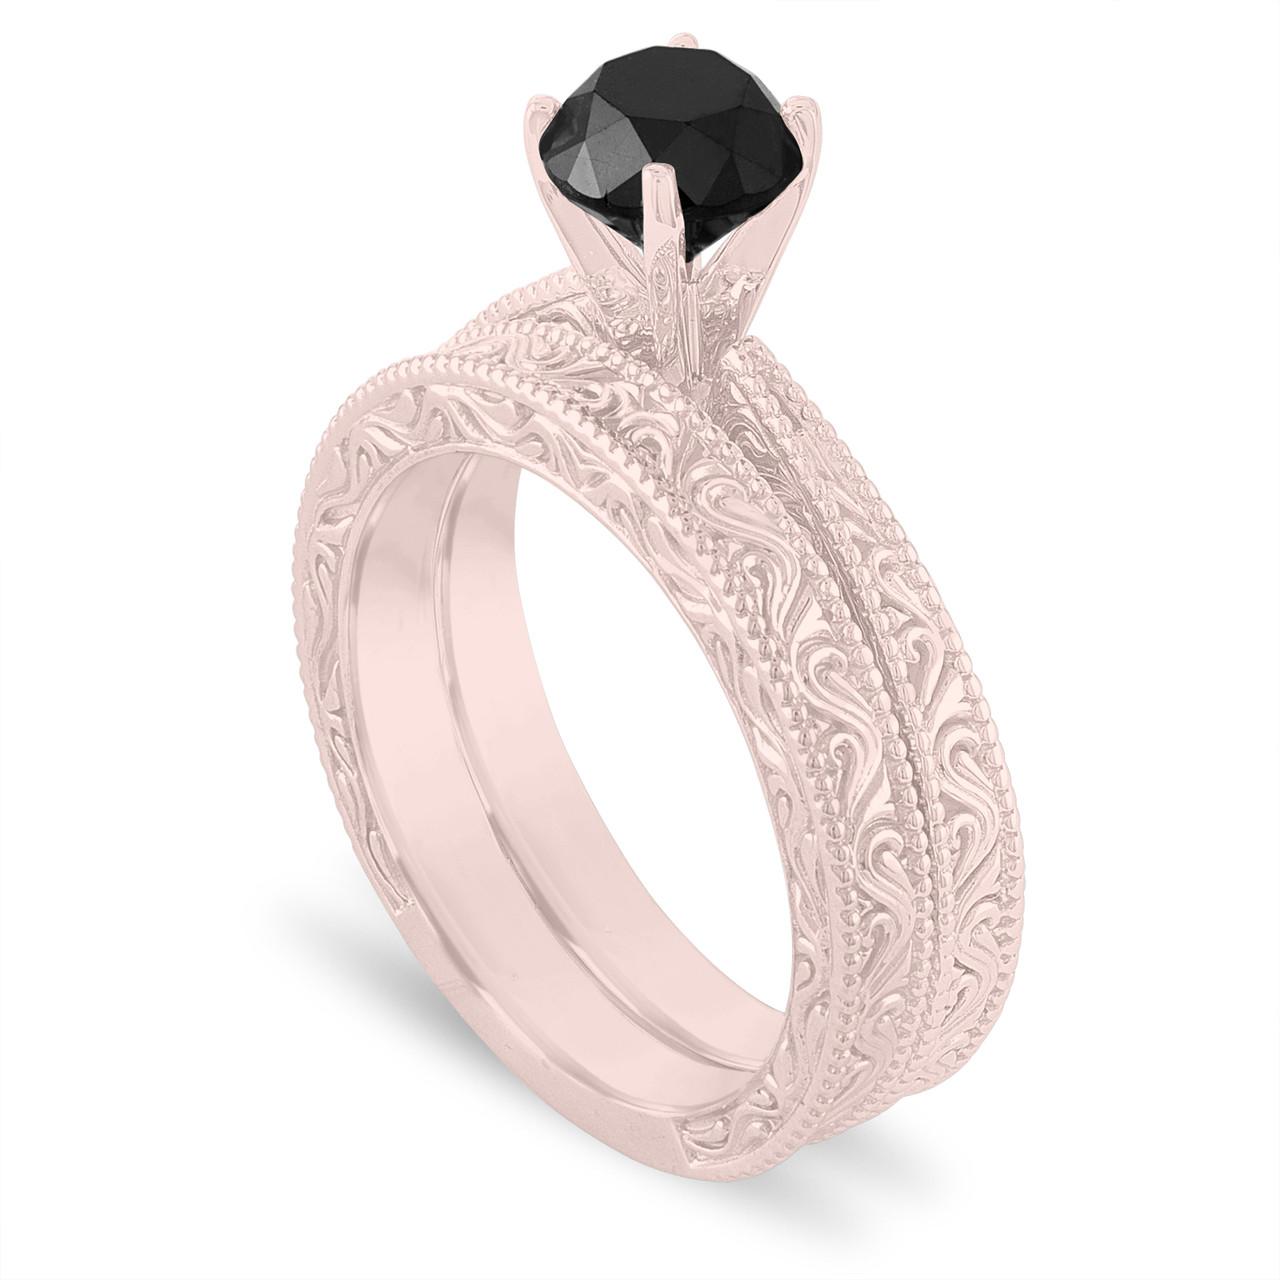 Rose Gold Black Diamond Engagement Ring Set 1 20 Carat Vintage